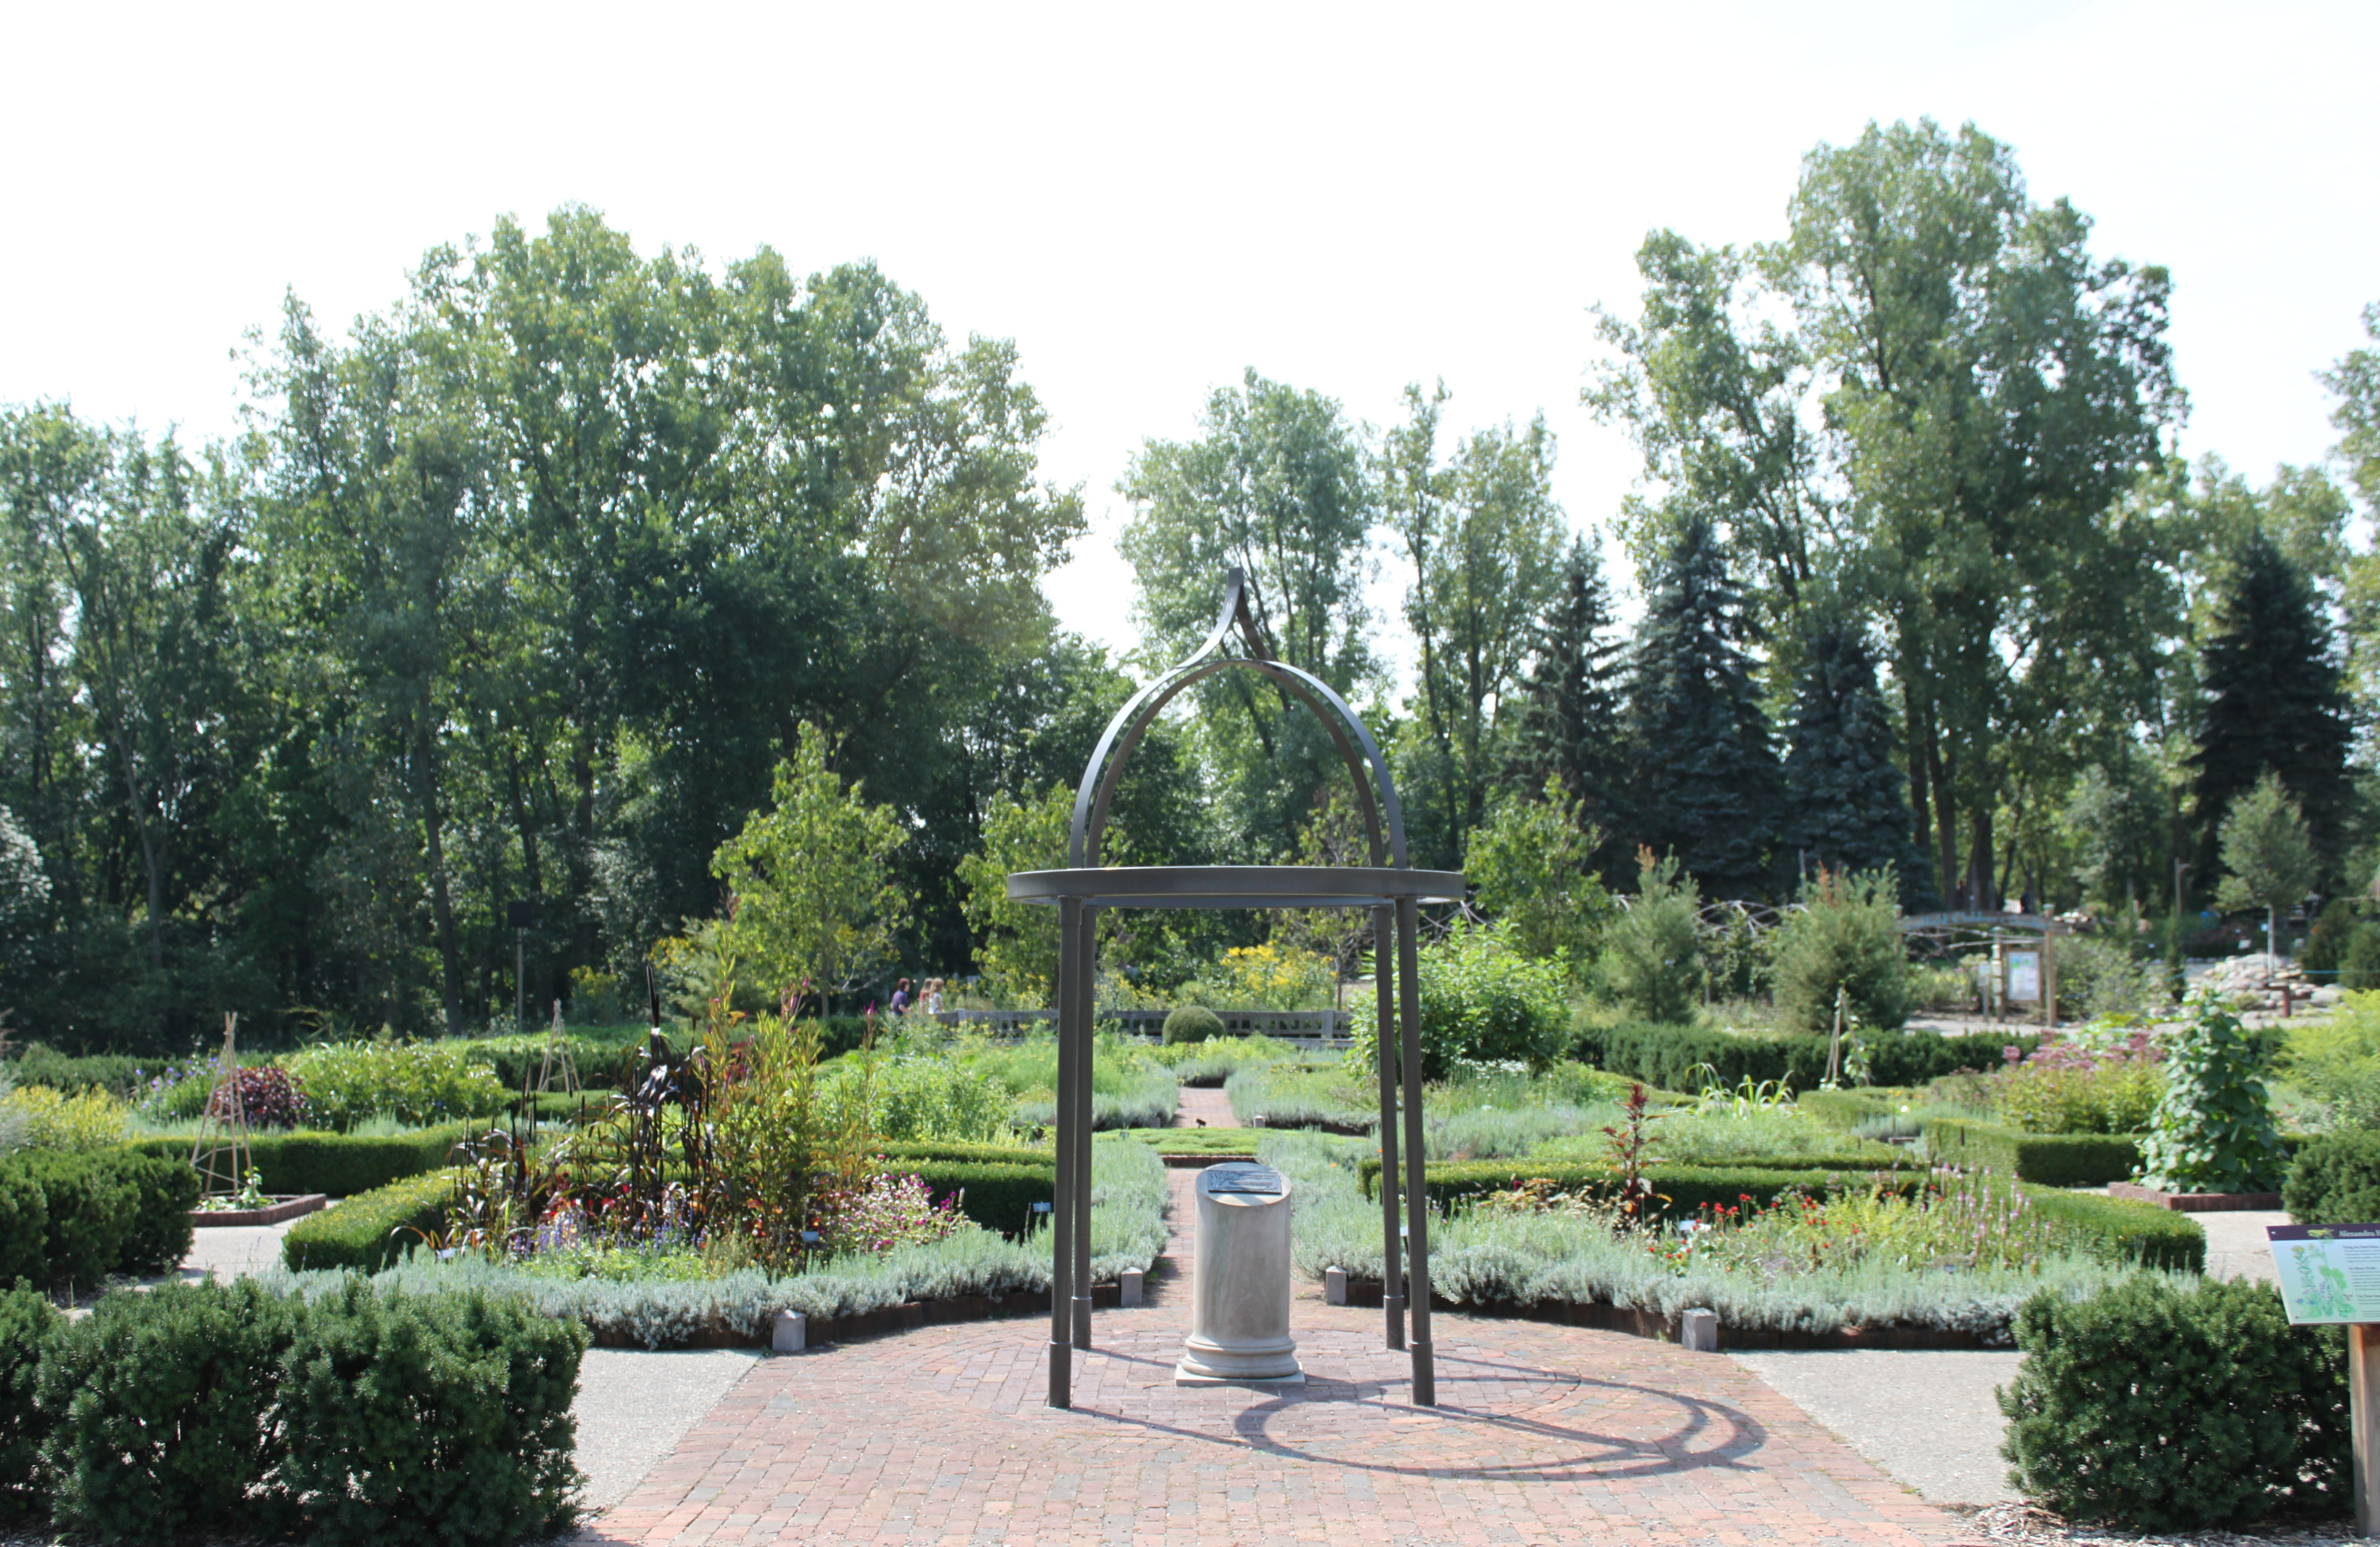 File:Matthaei Botanical Gardens Herb Knot Garden.JPG